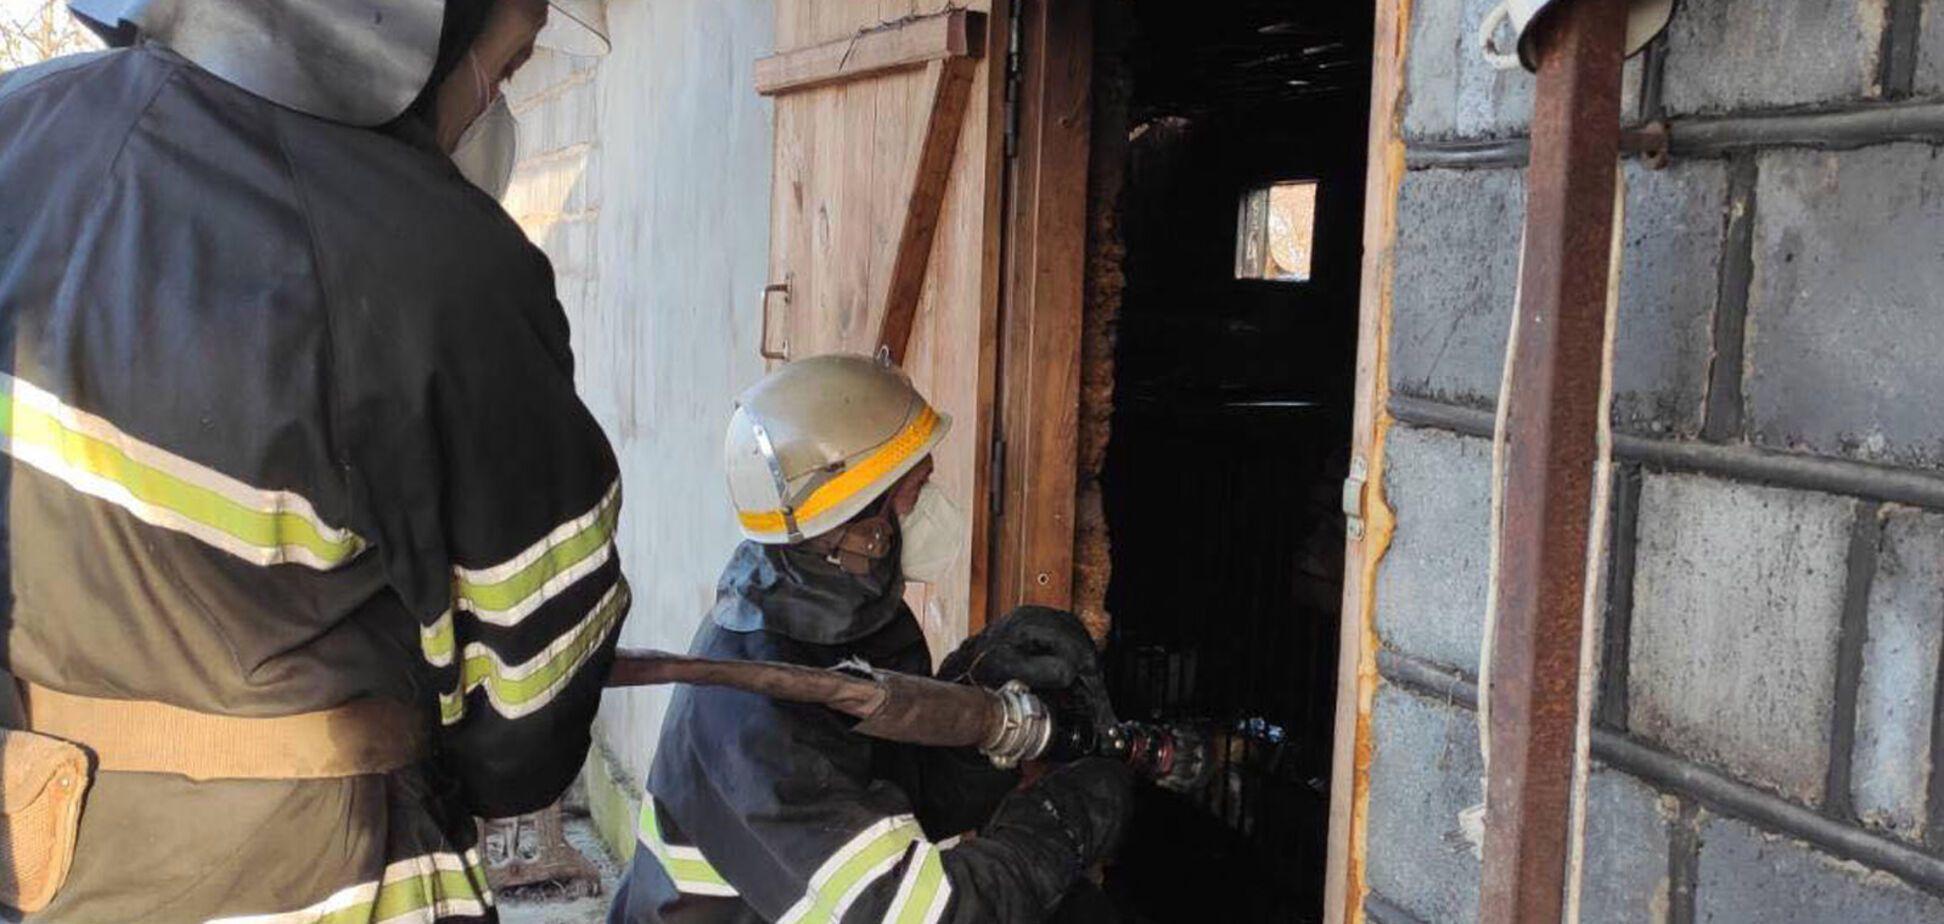 На Дніпропетровщині під час пожежі обгоріла жінка. Фото з місця НП